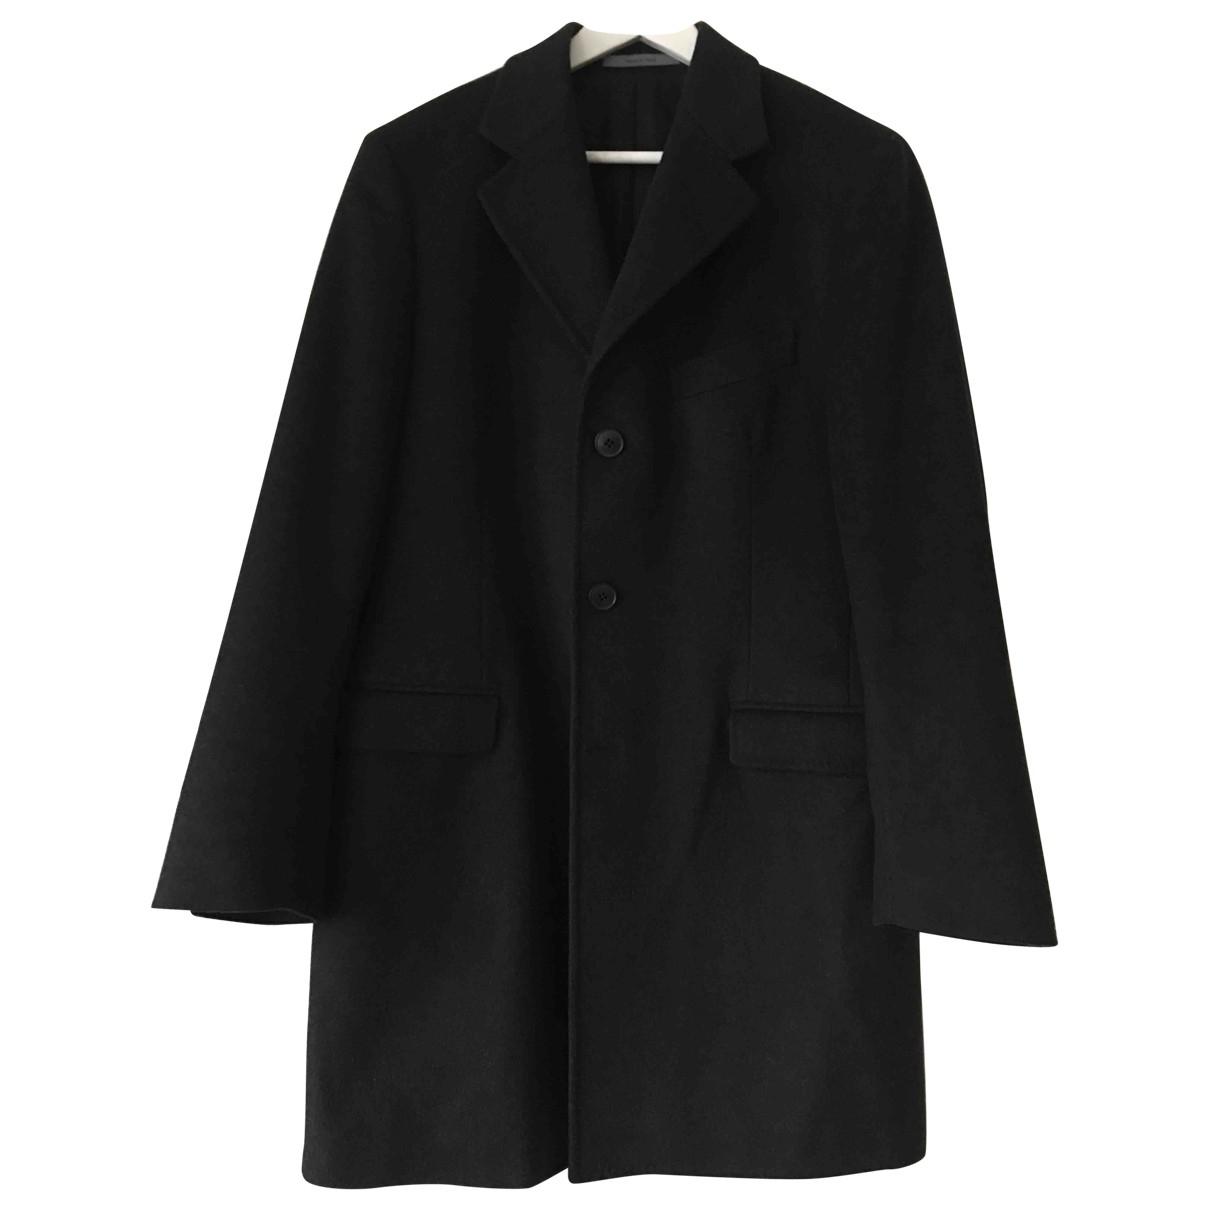 Harrods - Manteau   pour homme en laine - kaki